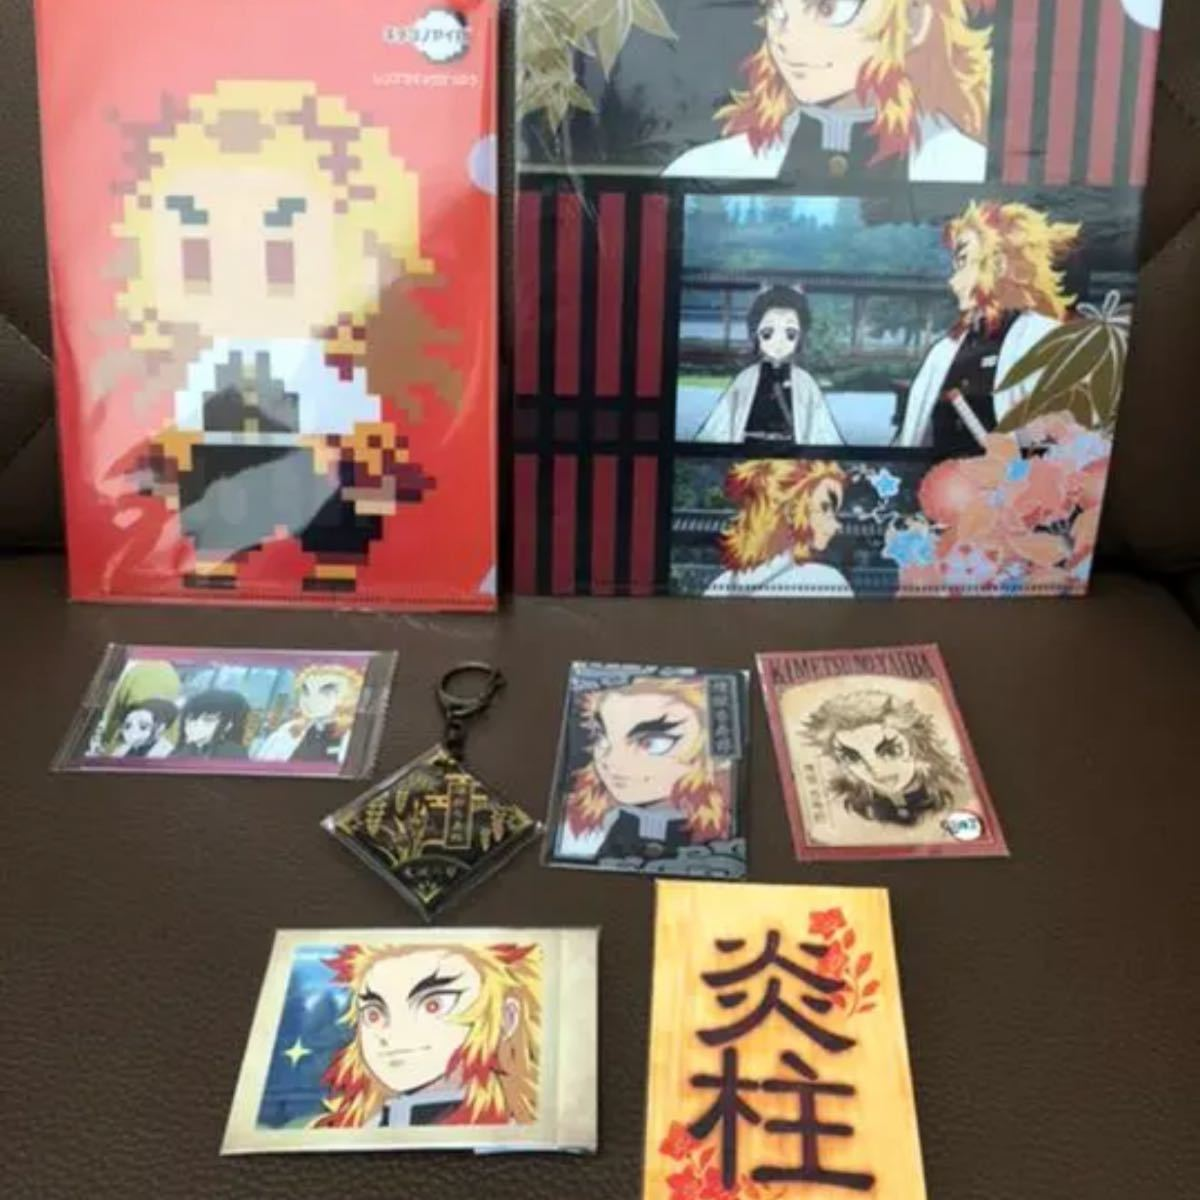 鬼滅の刃 煉獄杏寿郎 クリアファイル キーホルダー カード スペシャルセット